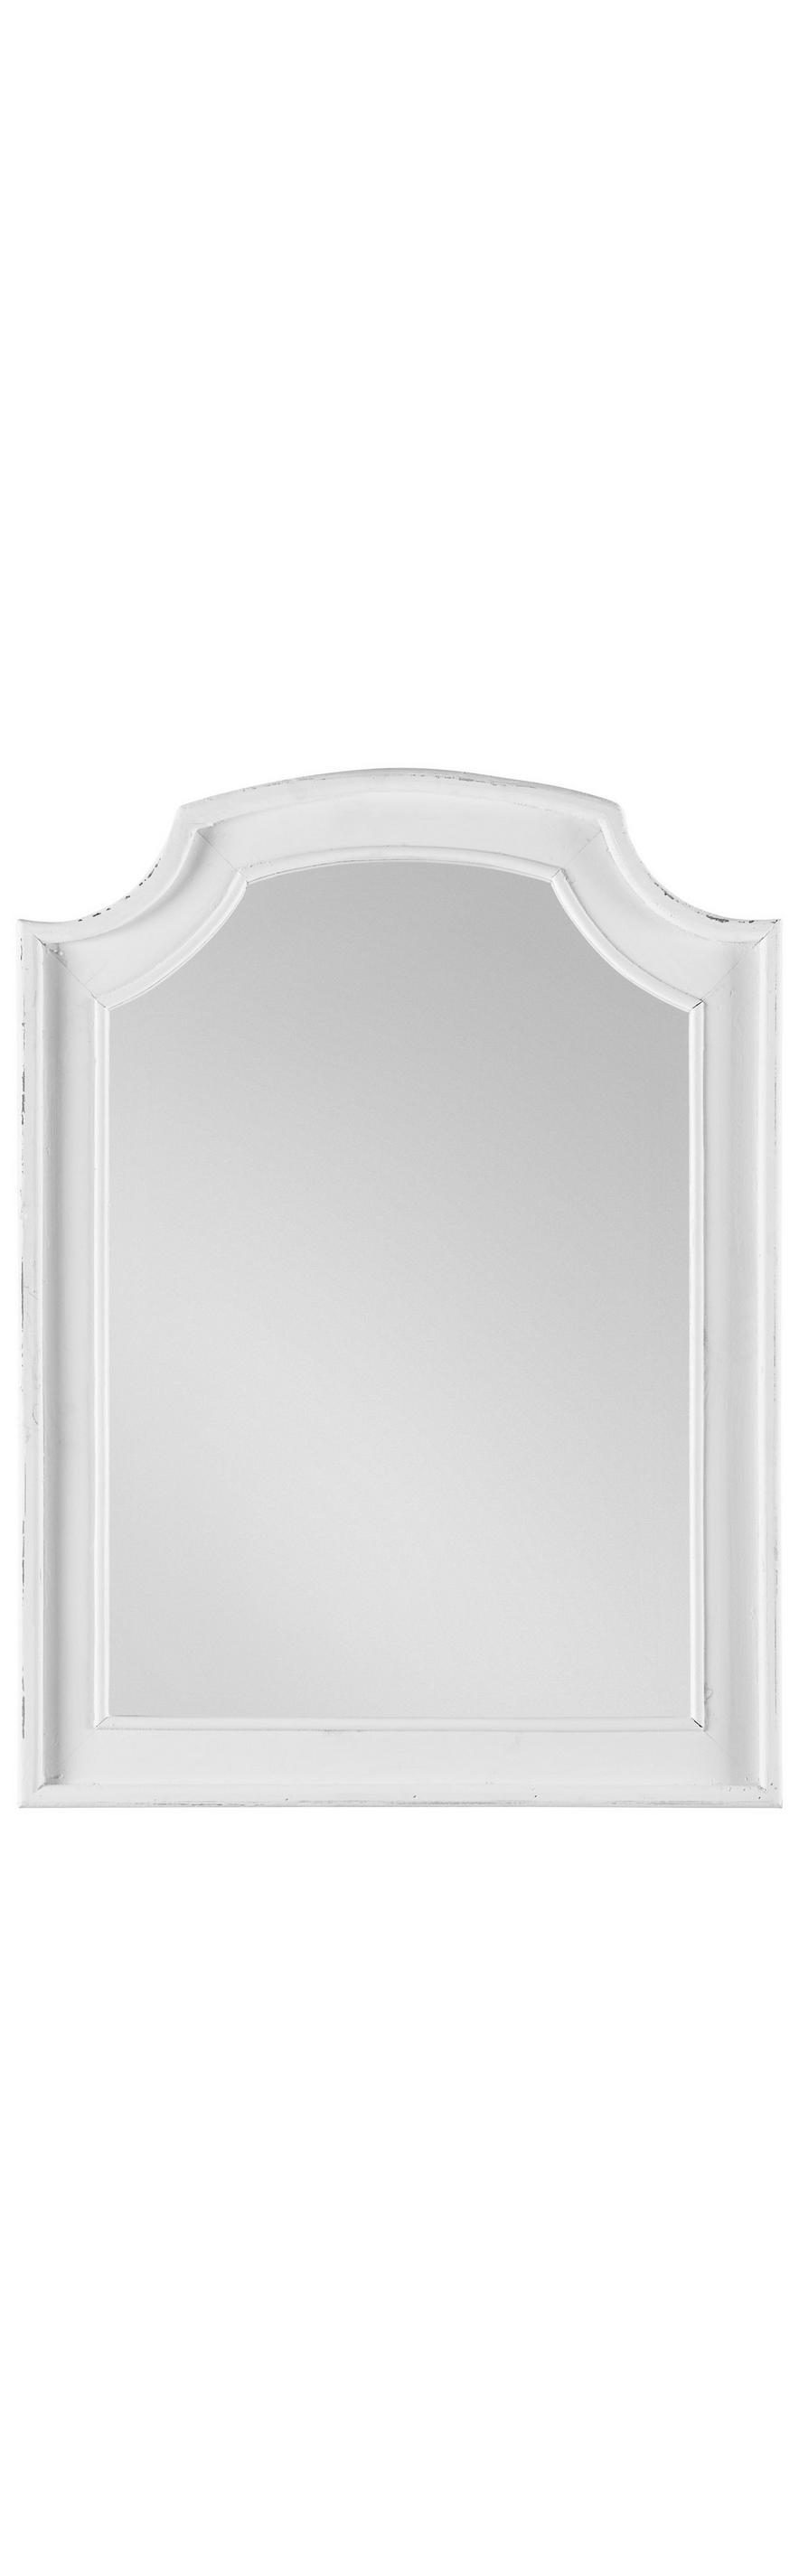 Spiegel Lewis Vintage ca. 63x85 cm online kaufen ➤ mömax